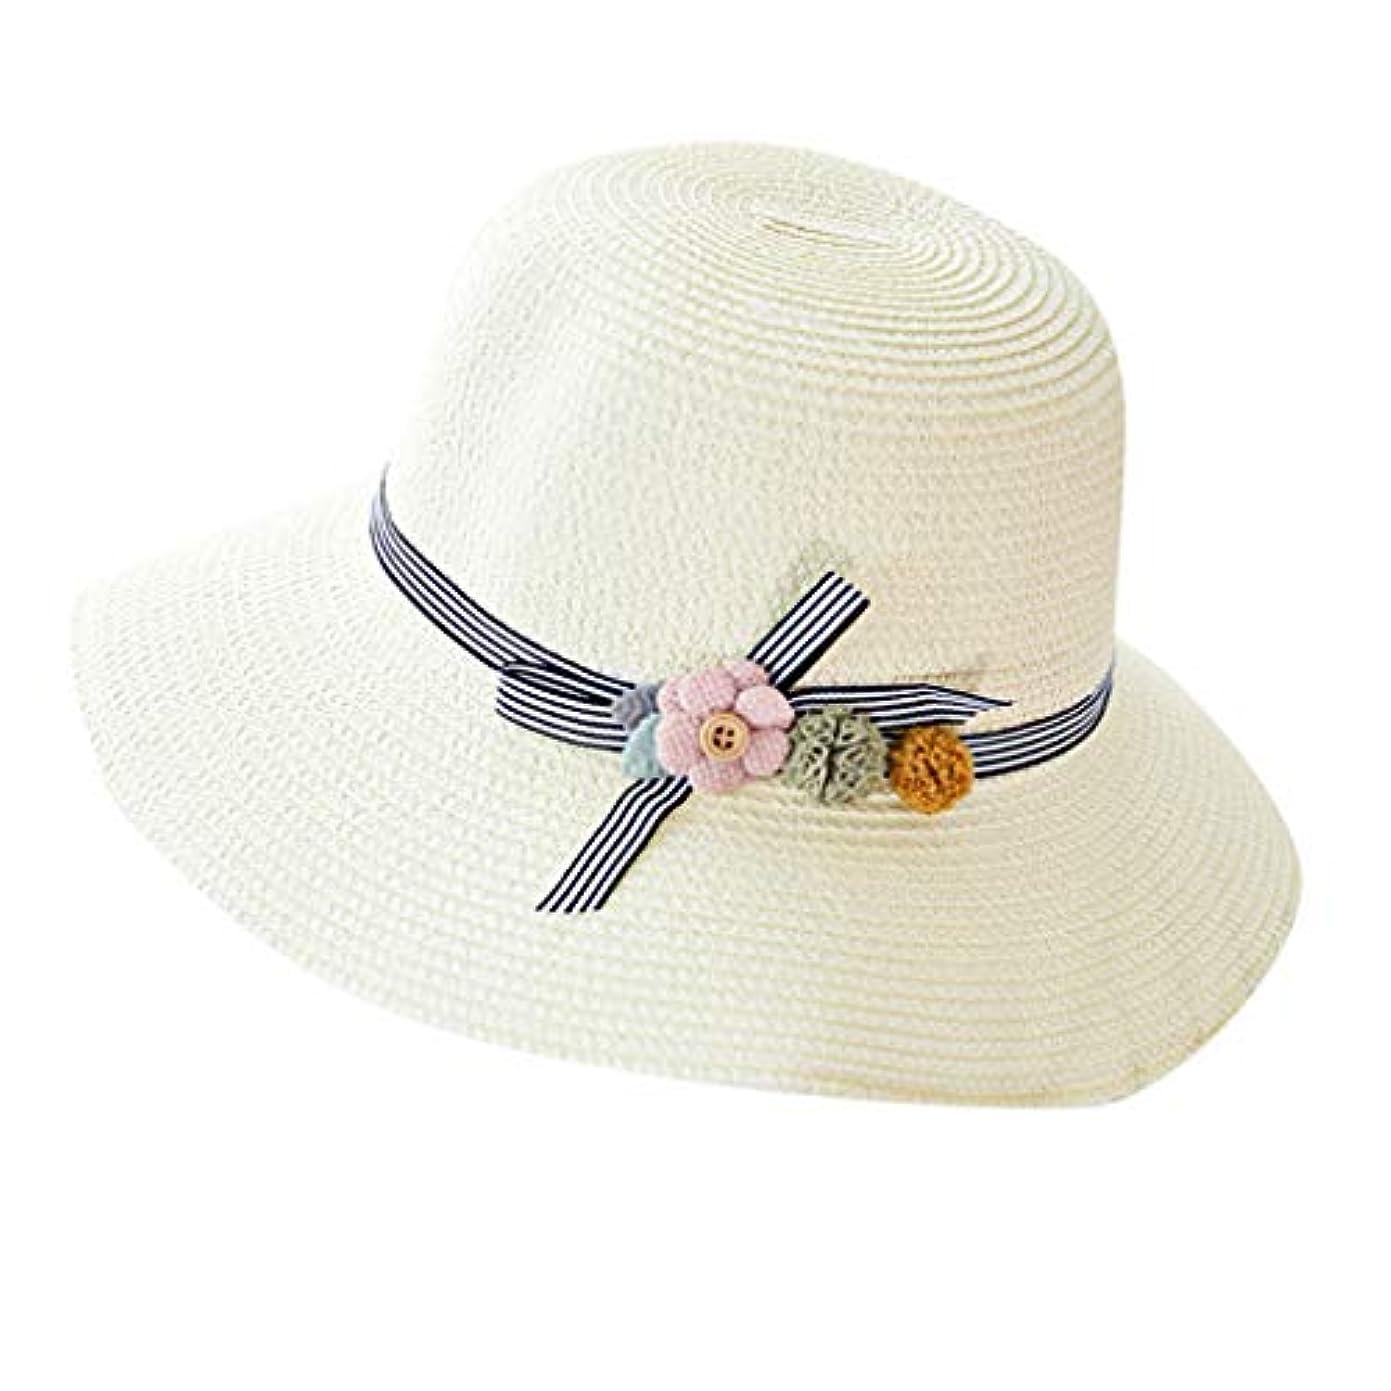 最適滞在ナビゲーション漁師帽 夏 帽子 レディース UVカット 帽子 ハット レディース 紫外線対策 日焼け防止 つば広 日焼け 旅行用 日よけ 夏季 折りたたみ 森ガール ビーチ 海辺 帽子 ハット レディース 花 ROSE ROMAN